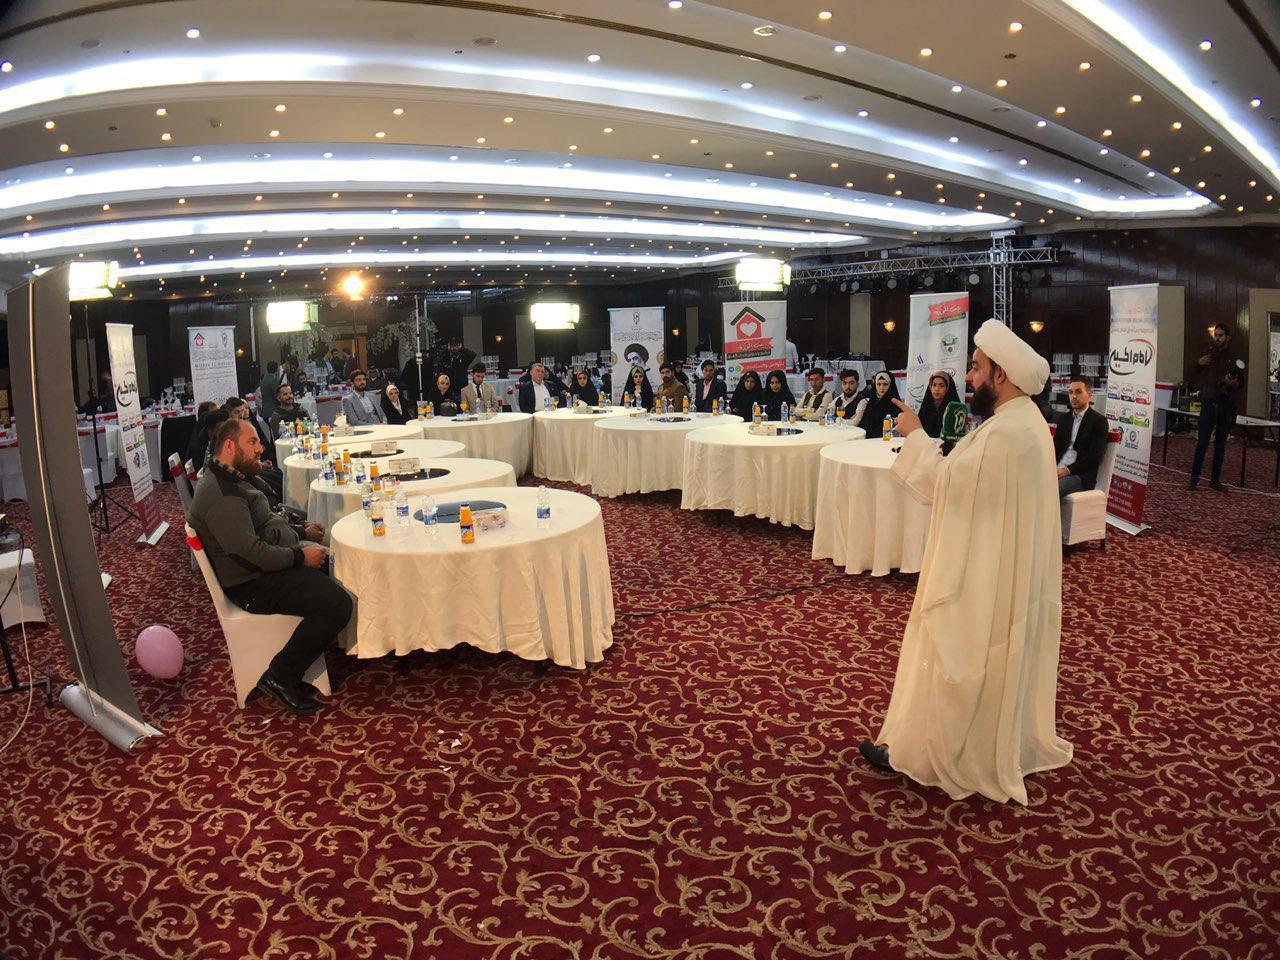 تصویر برگزاری جشن توزیع هدایای اولین دوره از «بزرگ ترین پروژه ازدواج جوانان»، در پایتخت عراق